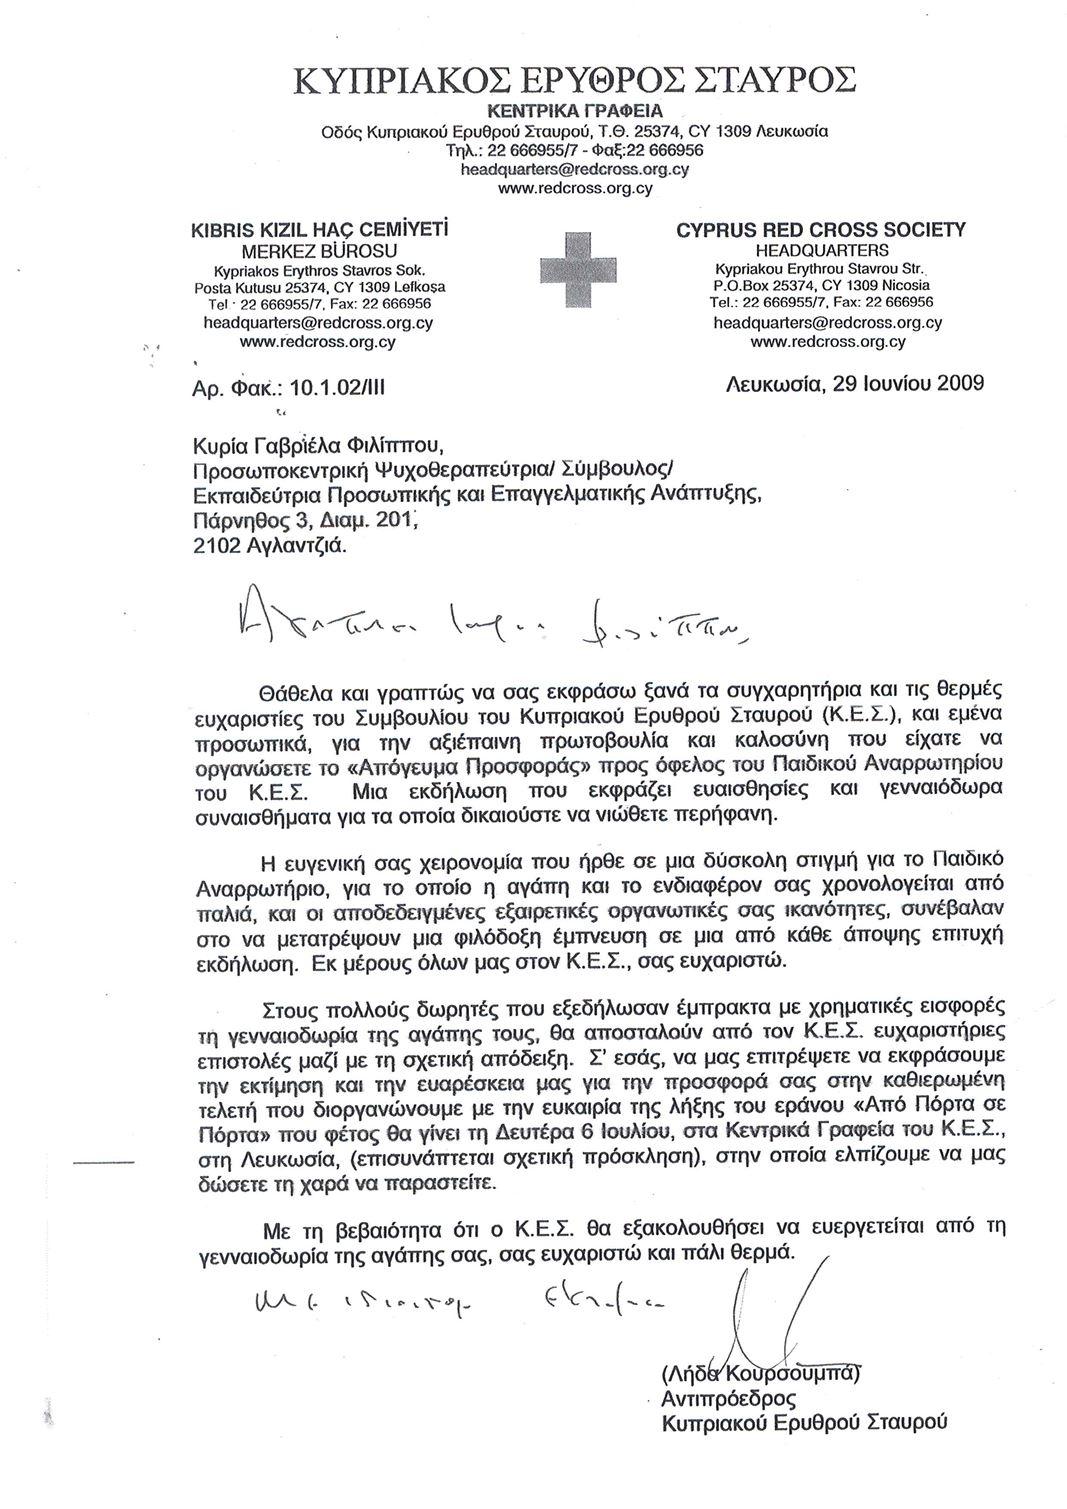 2002 - Κυπριακός Ερυθρός Σταυρός